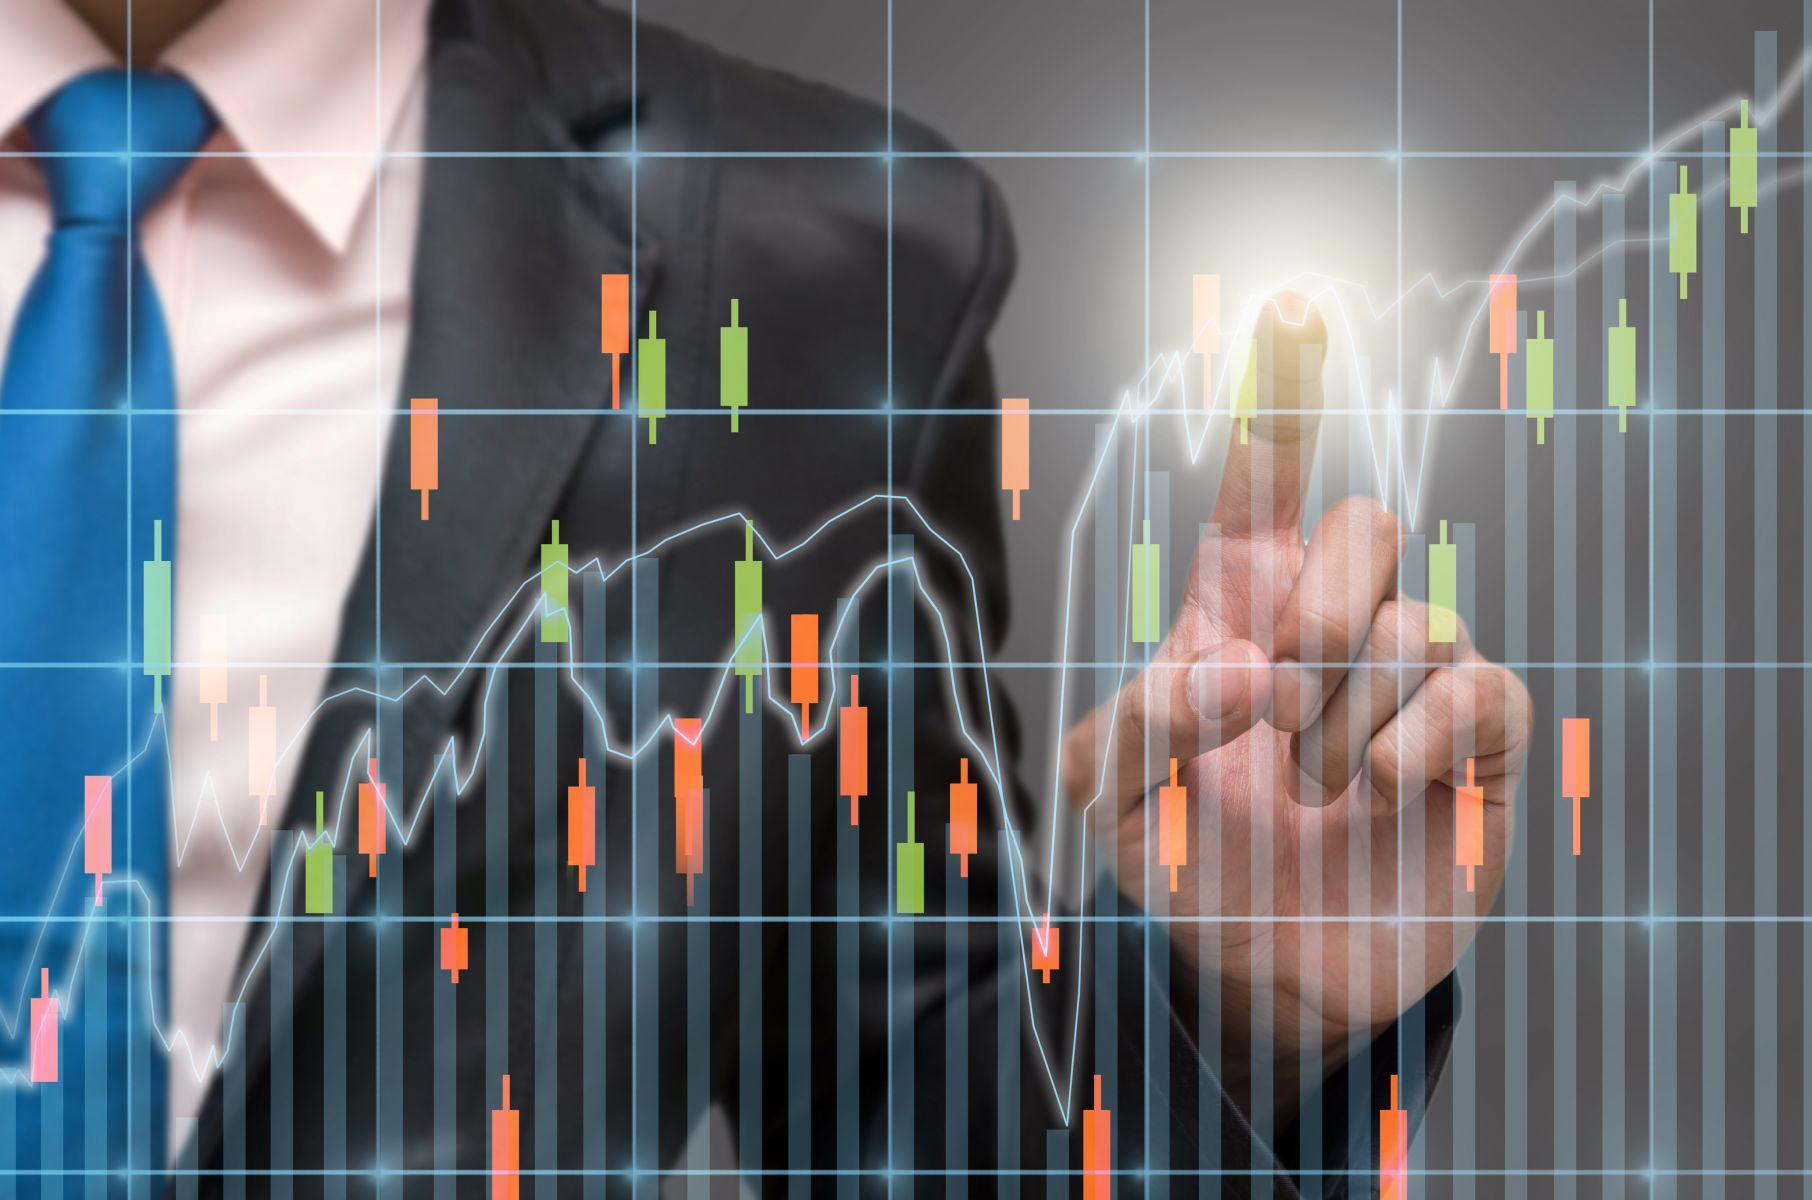 還在痴痴地等股票上漲?只要抓對這3要點 飆股立刻現蹤